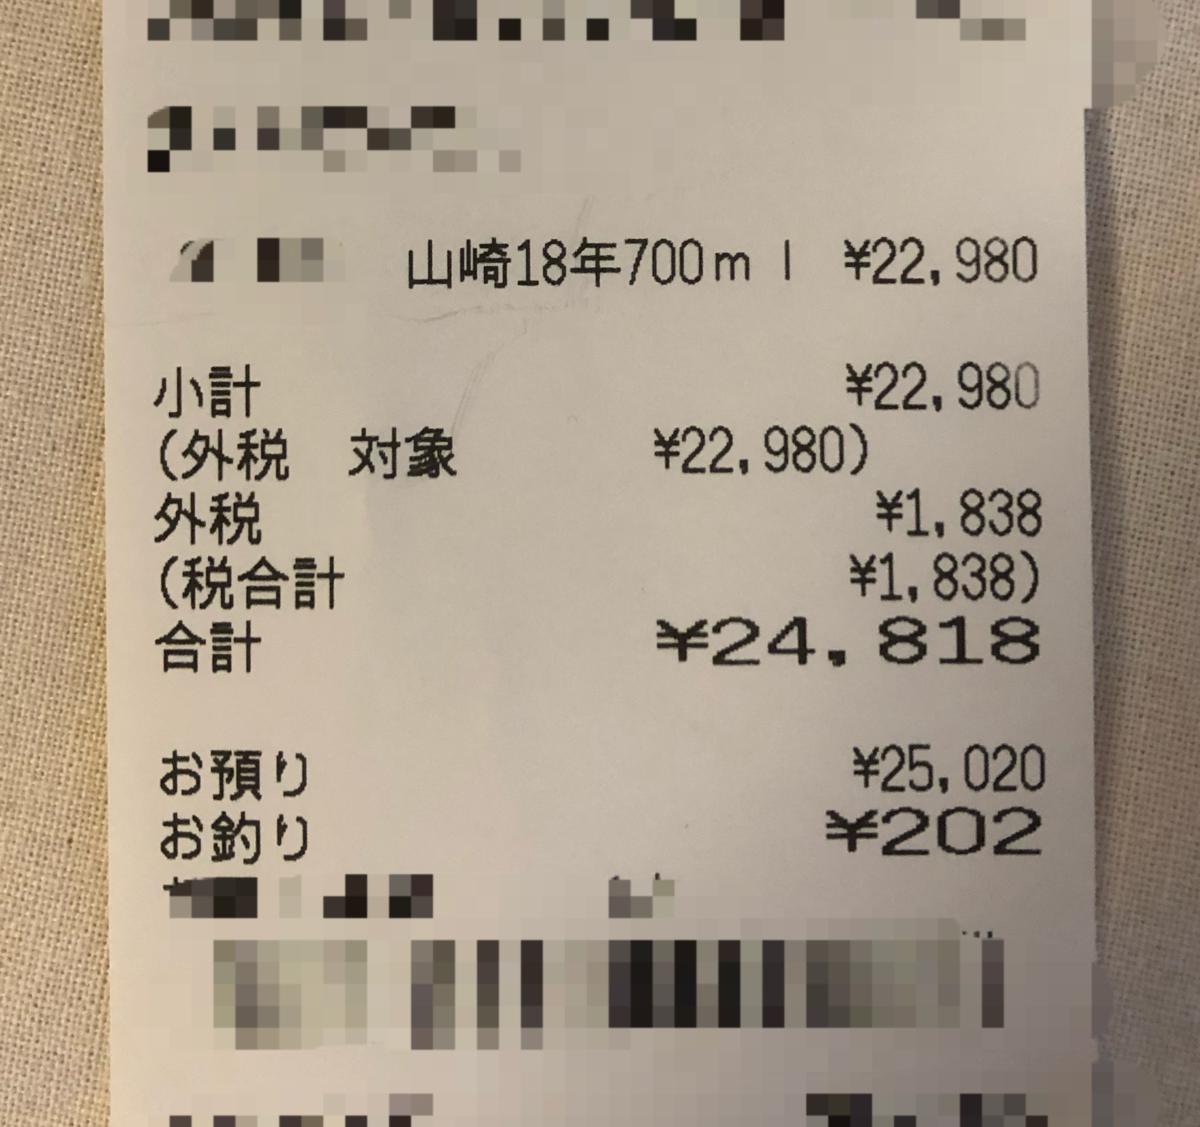 f:id:yomoyamayomoyama:20190421152023p:plain